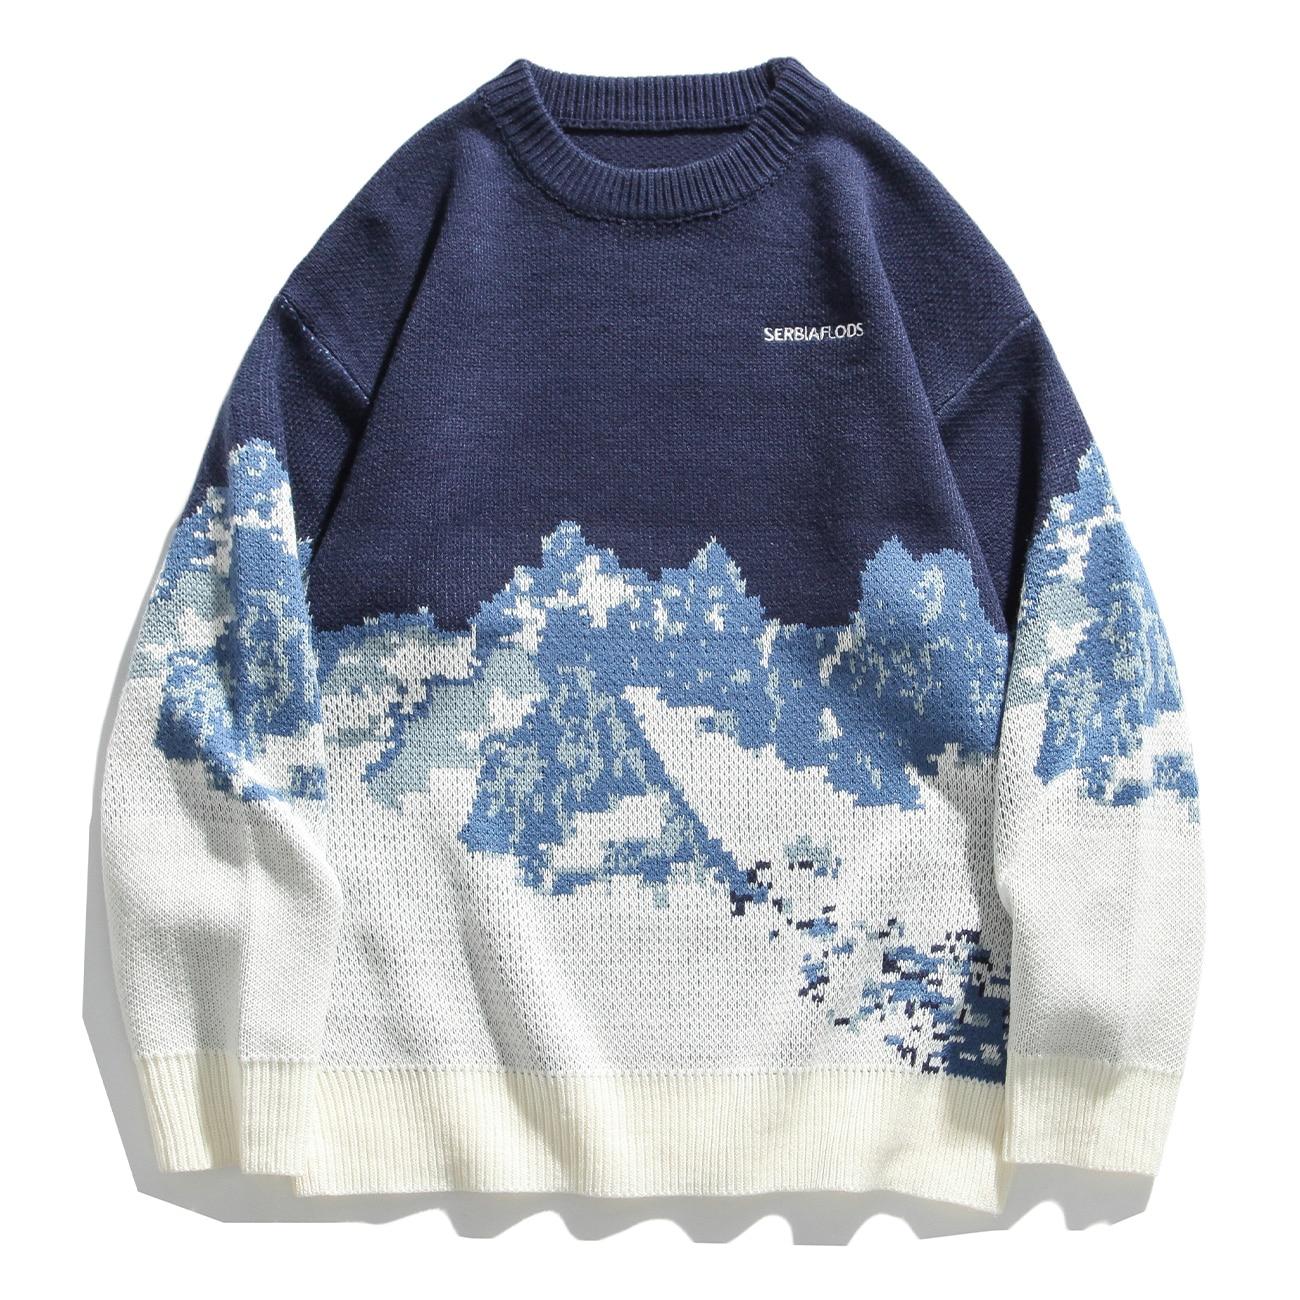 سترة هيب هوب للرجال والنساء ، ملابس الشارع ، جبل الثلج ، محبوك ، سترة هاراجوكو ، كنزة صوفية كبيرة الحجم ، ملابس خارجية